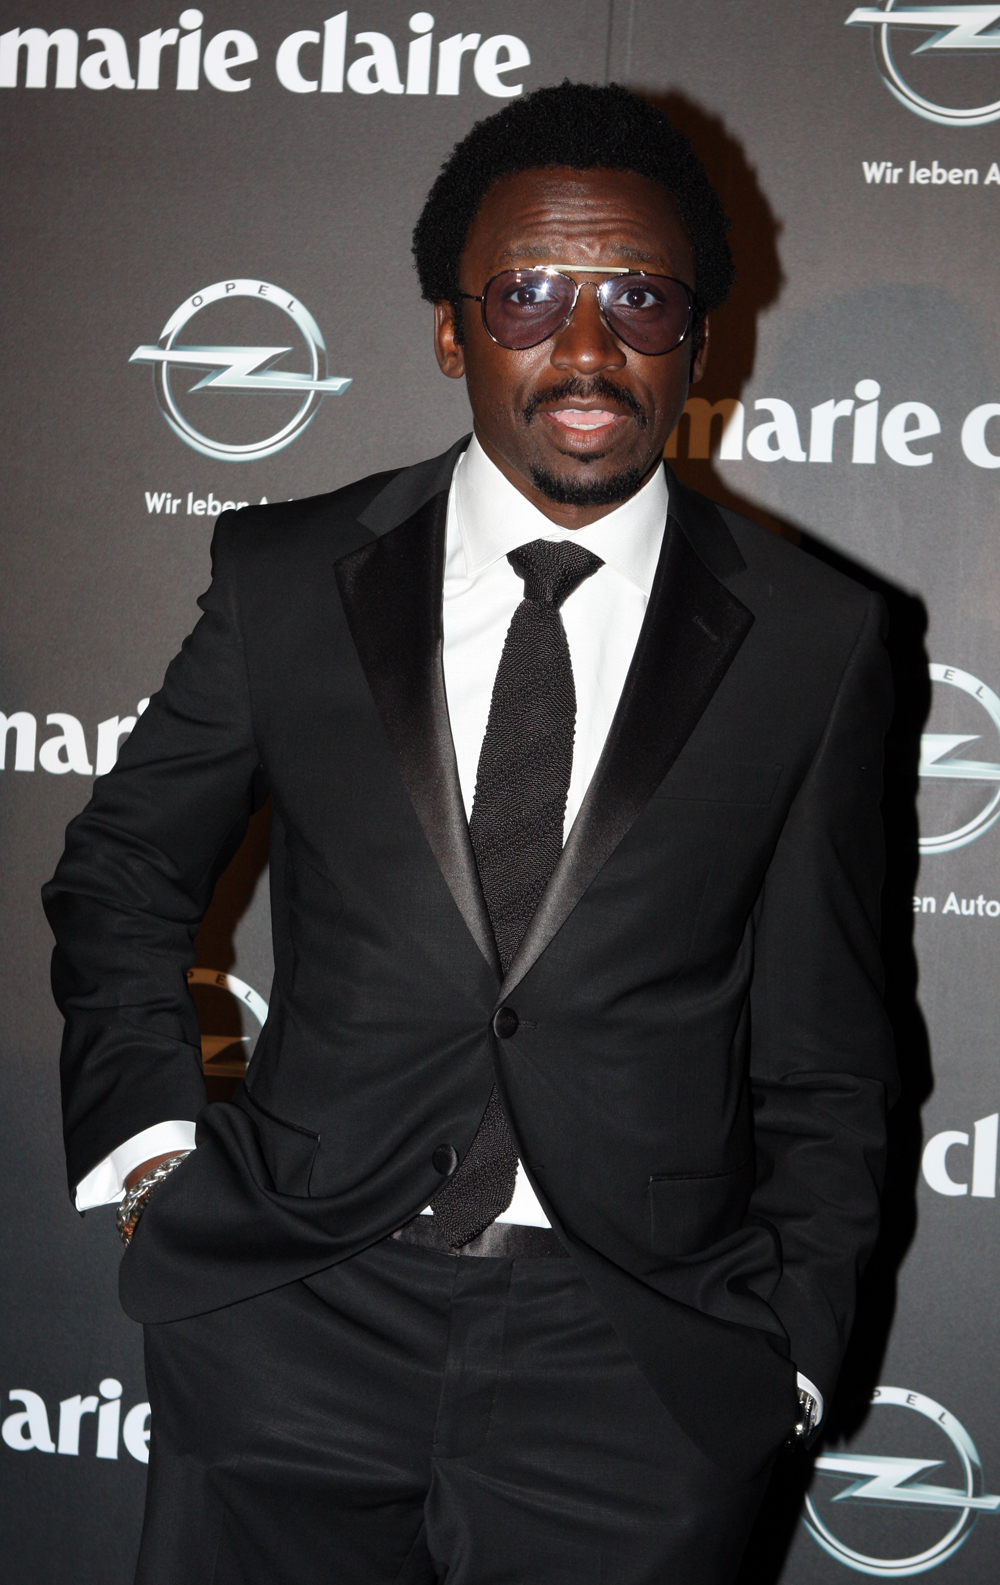 Tony okungbowa dating